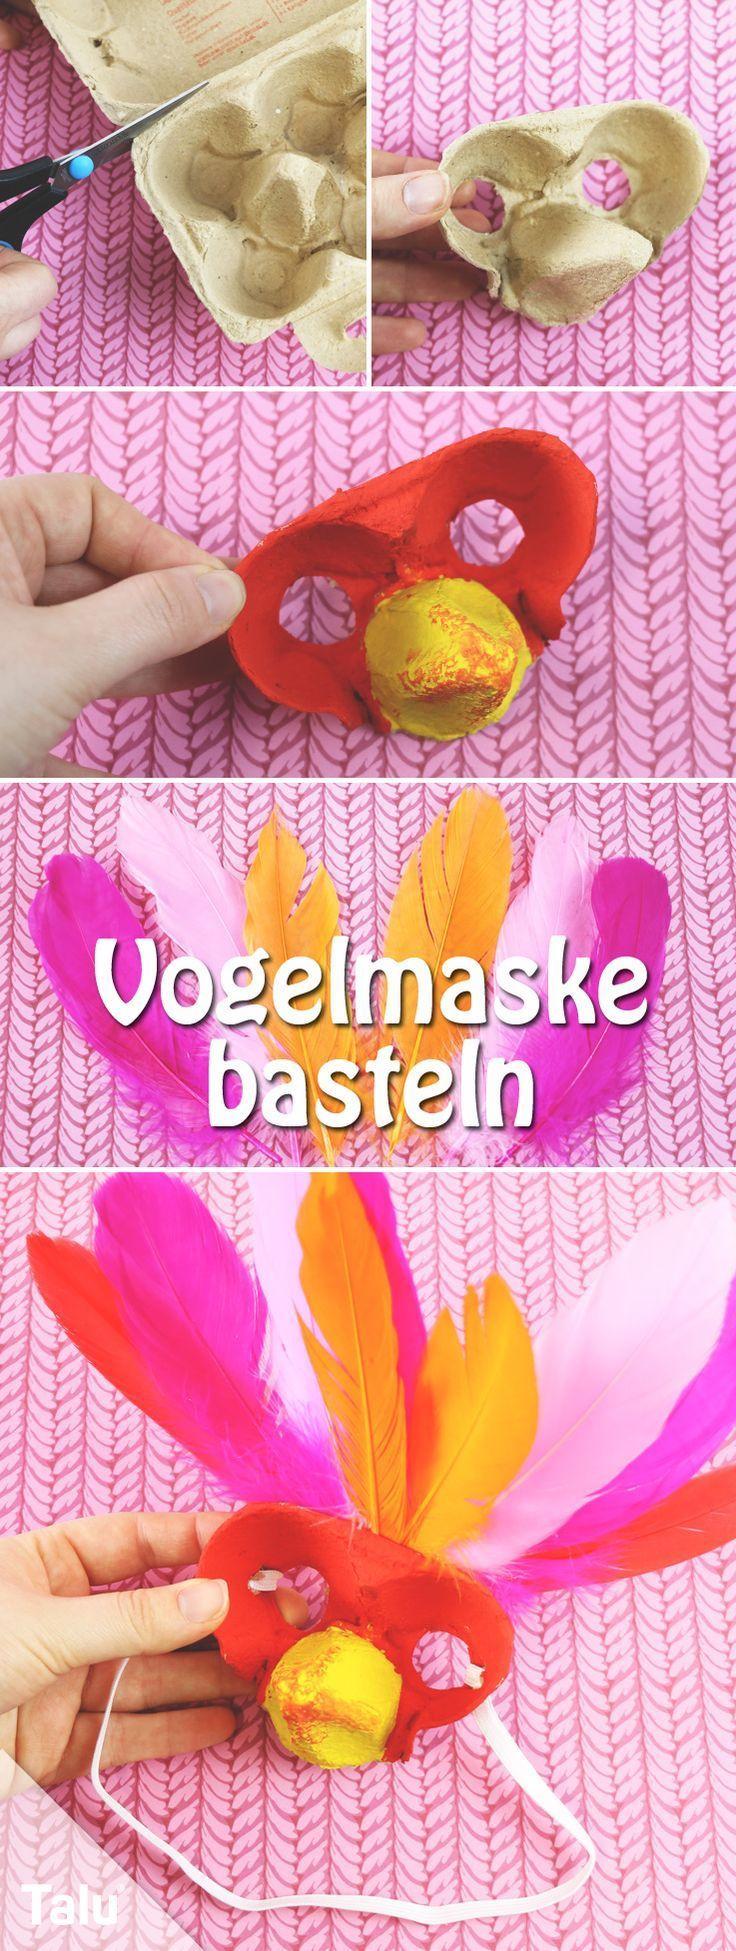 Vogelmaske basteln – Anleitung mit Vorlage und Schablone - Talu.de